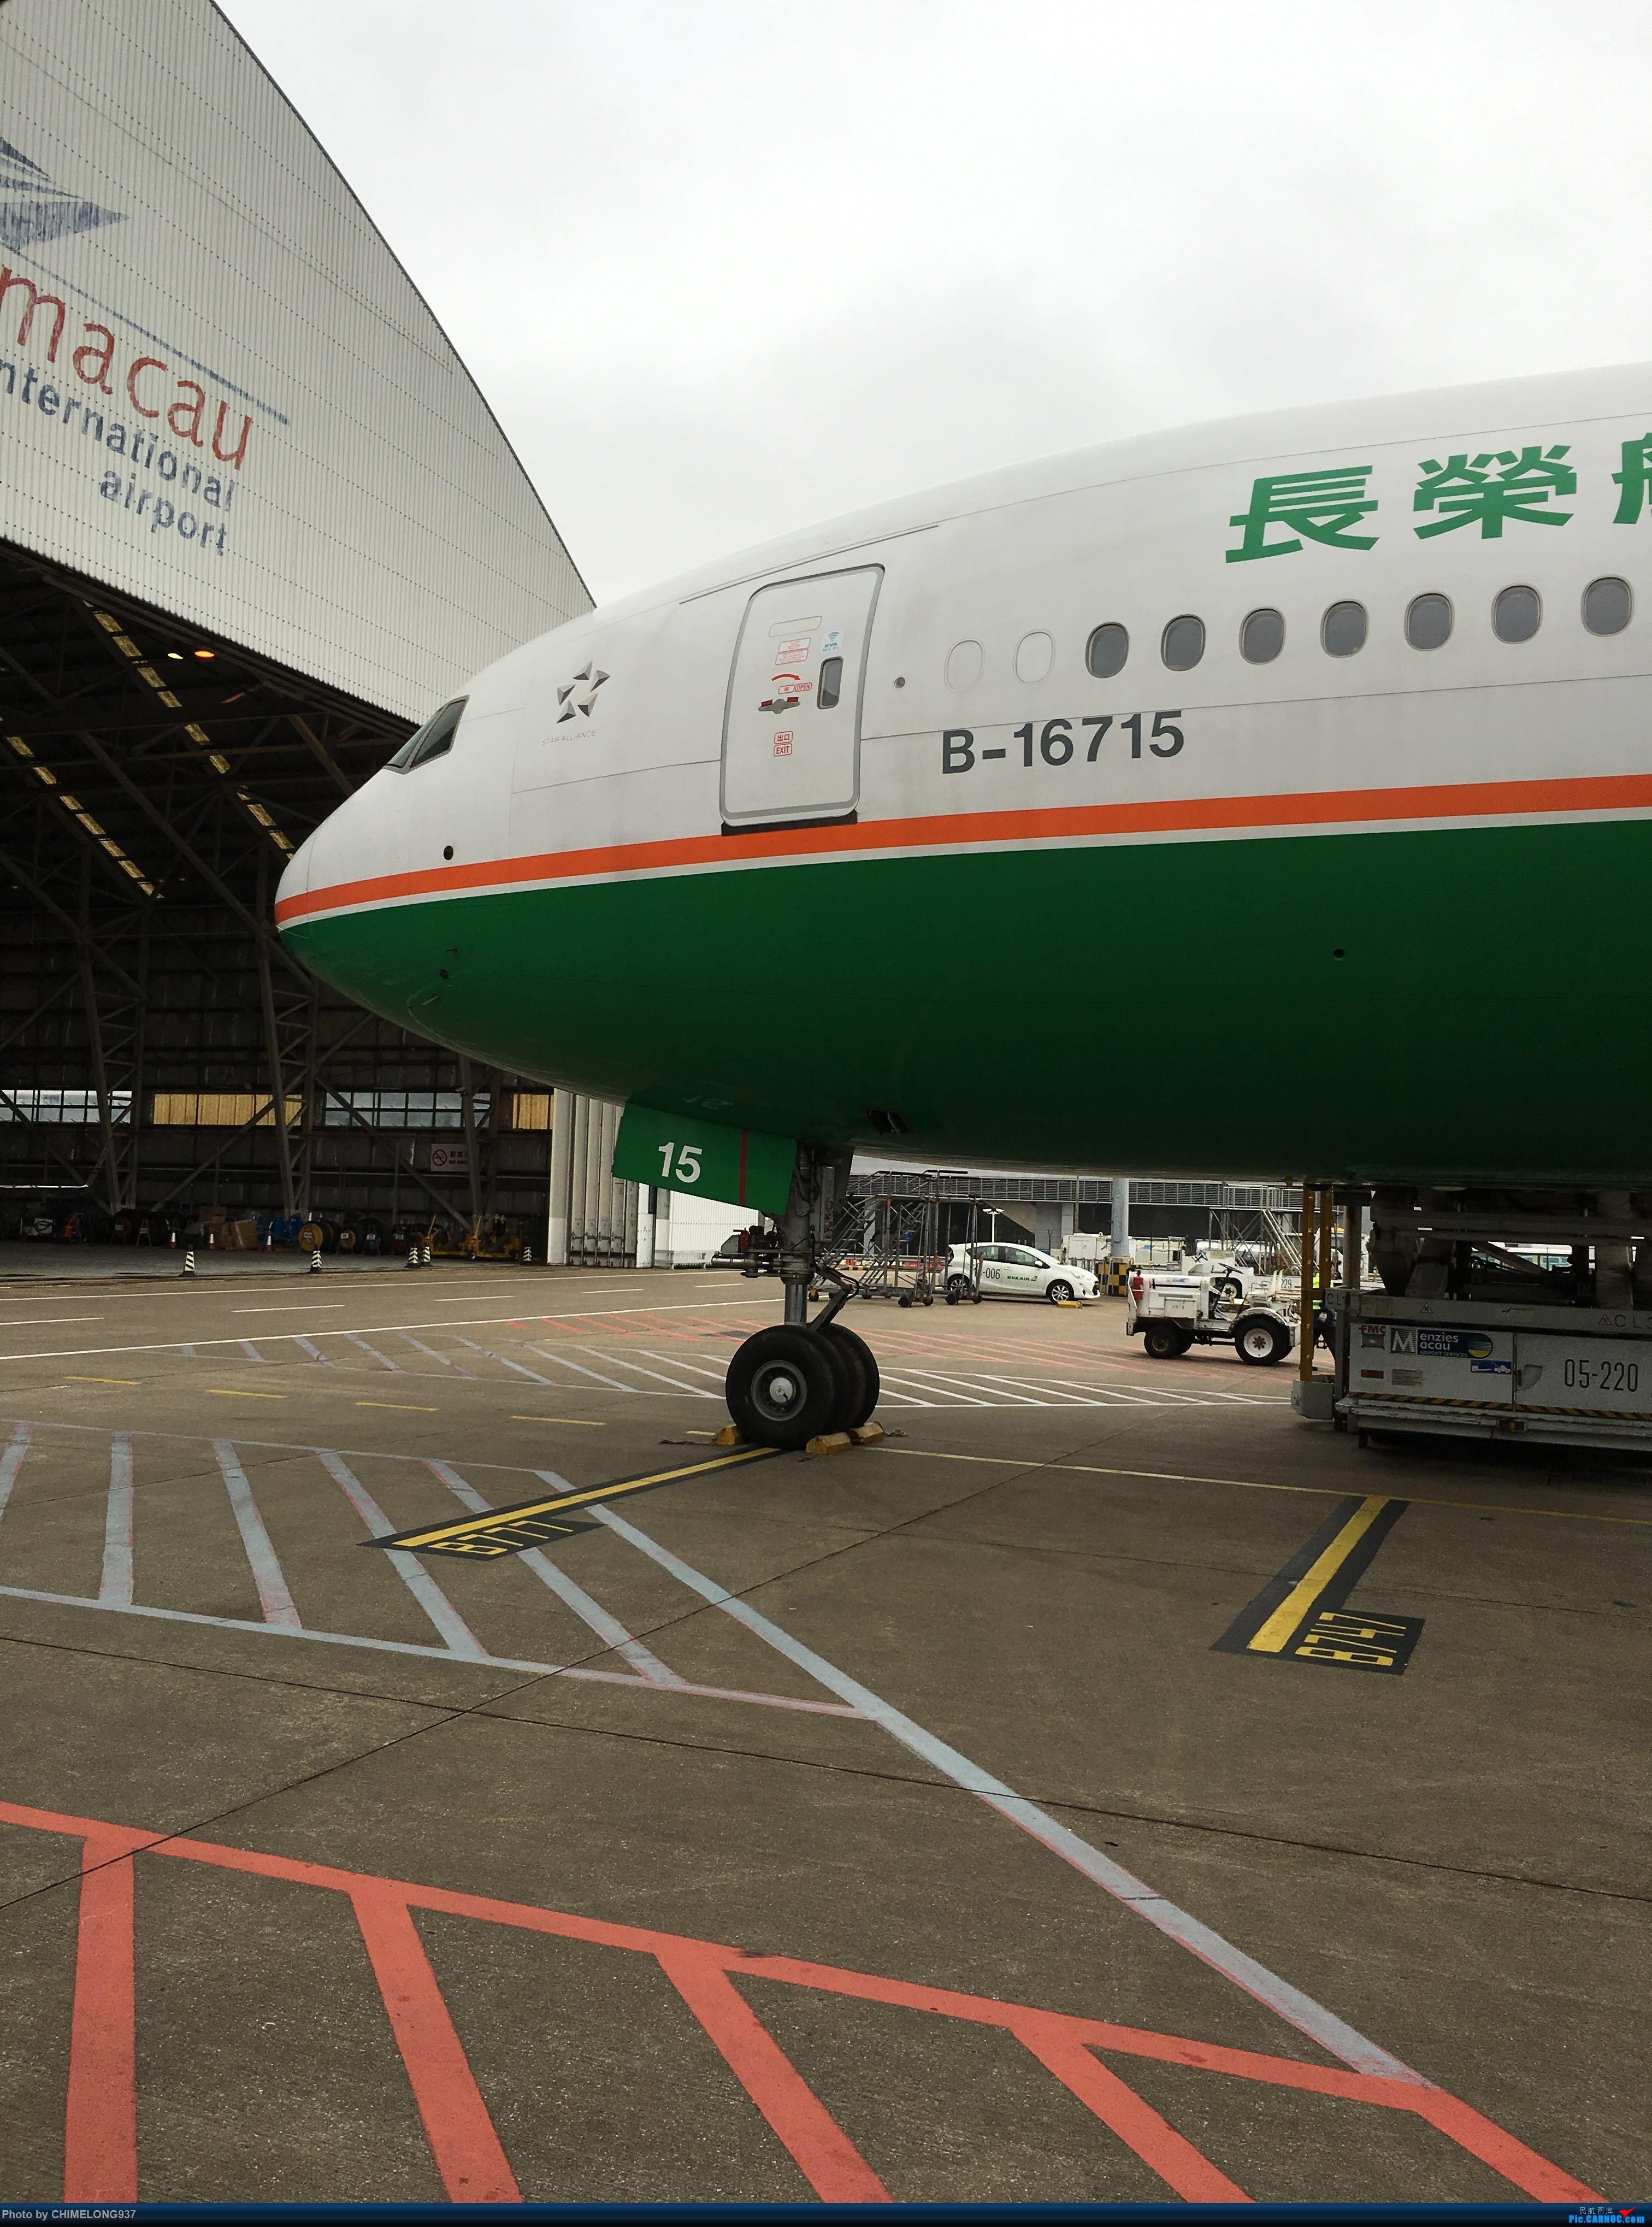 [原创]【Feeyo Macau】长荣大头及起落架 BOEING 777-300ER B-16715 中国澳门国际机场